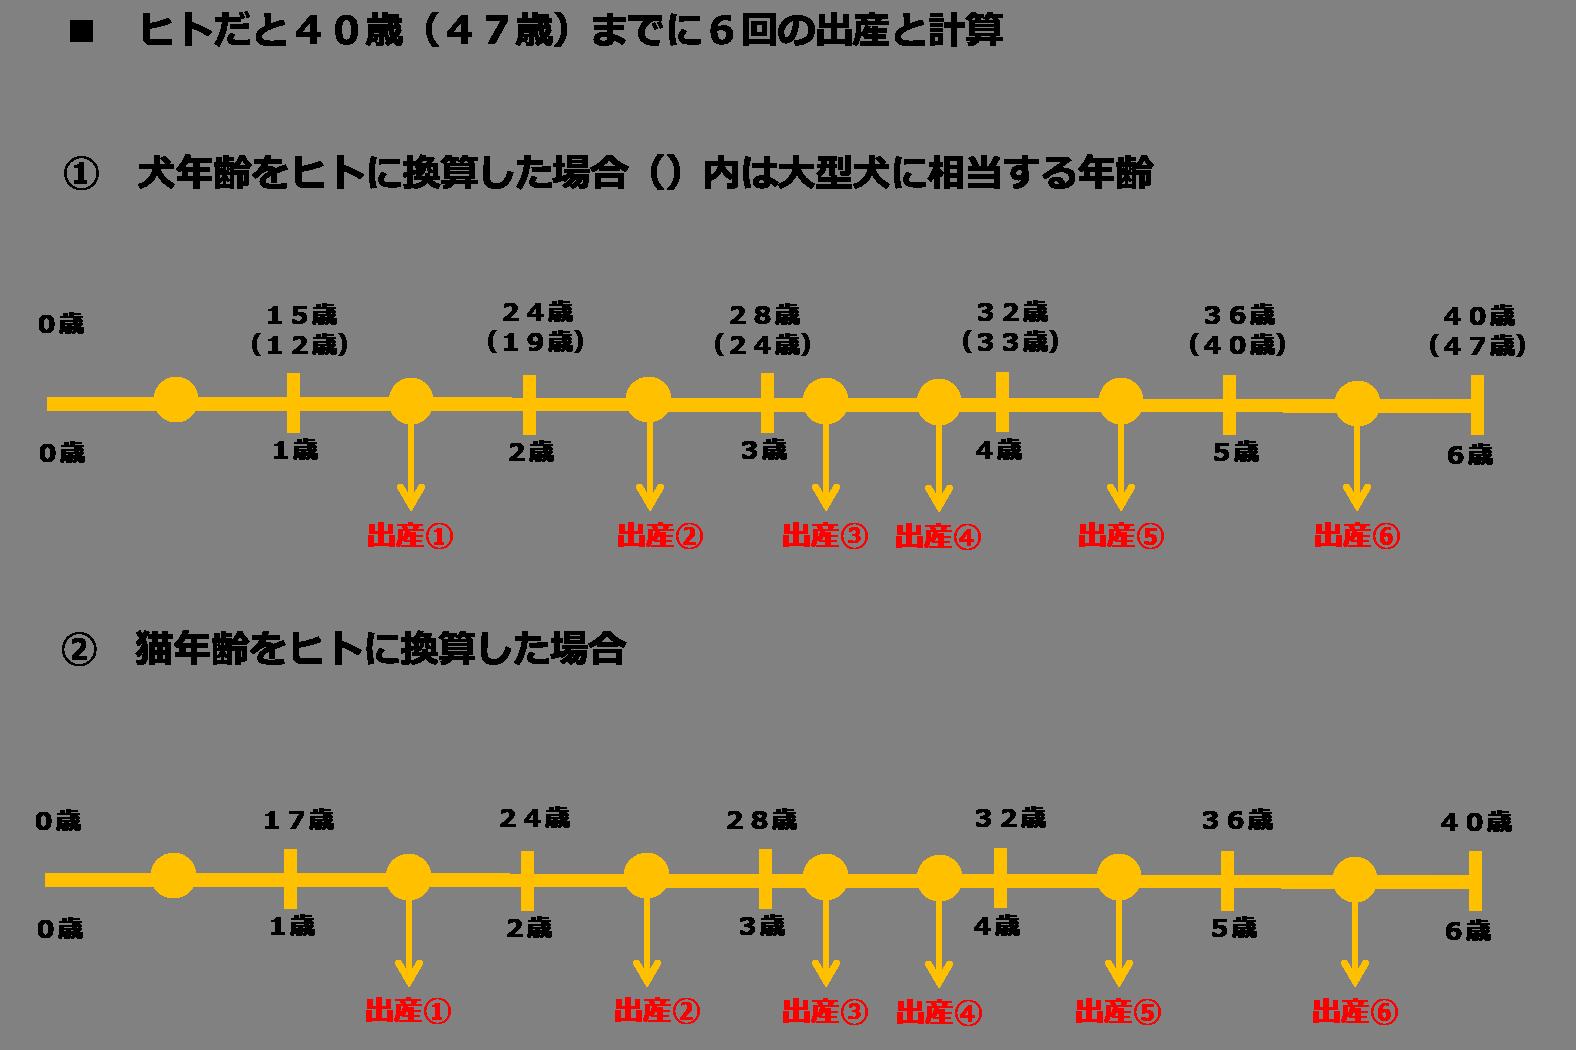 出産回数(6年6回、数値規制